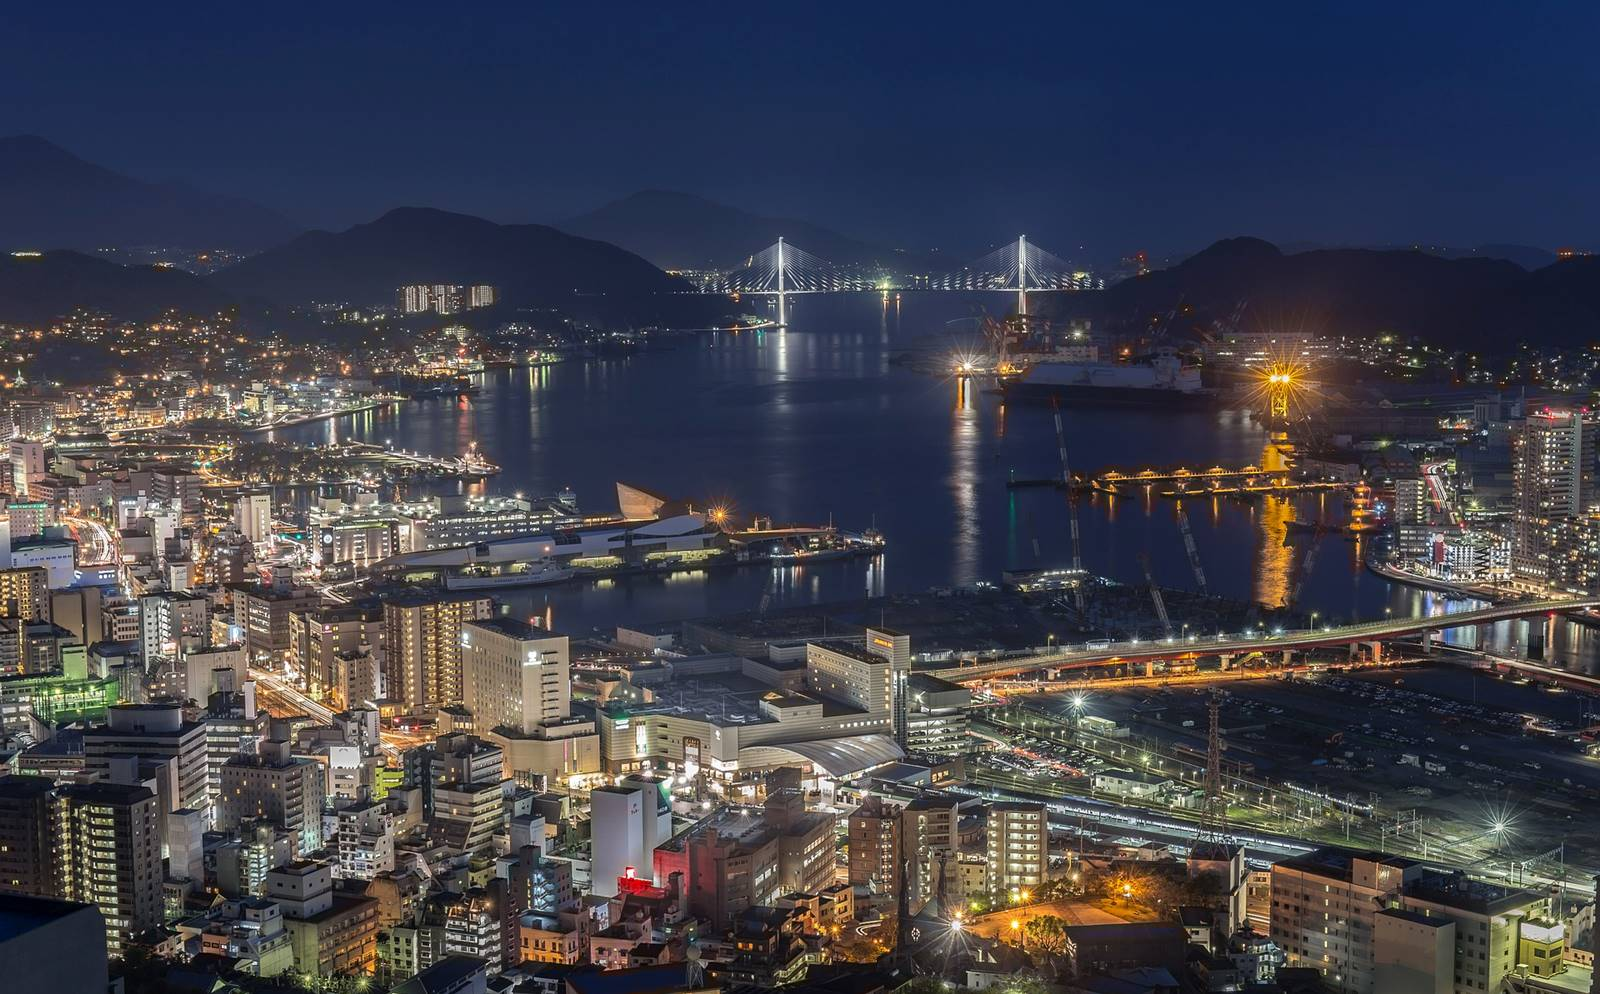 長崎-景點-推薦-長崎必玩景點-長崎必去景點-長崎好玩景點-市區-攻略-長崎自由行景點-長崎旅遊景點-長崎觀光景點-長崎行程-長崎旅行-日本-Nagasaki-Tourist-Attraction